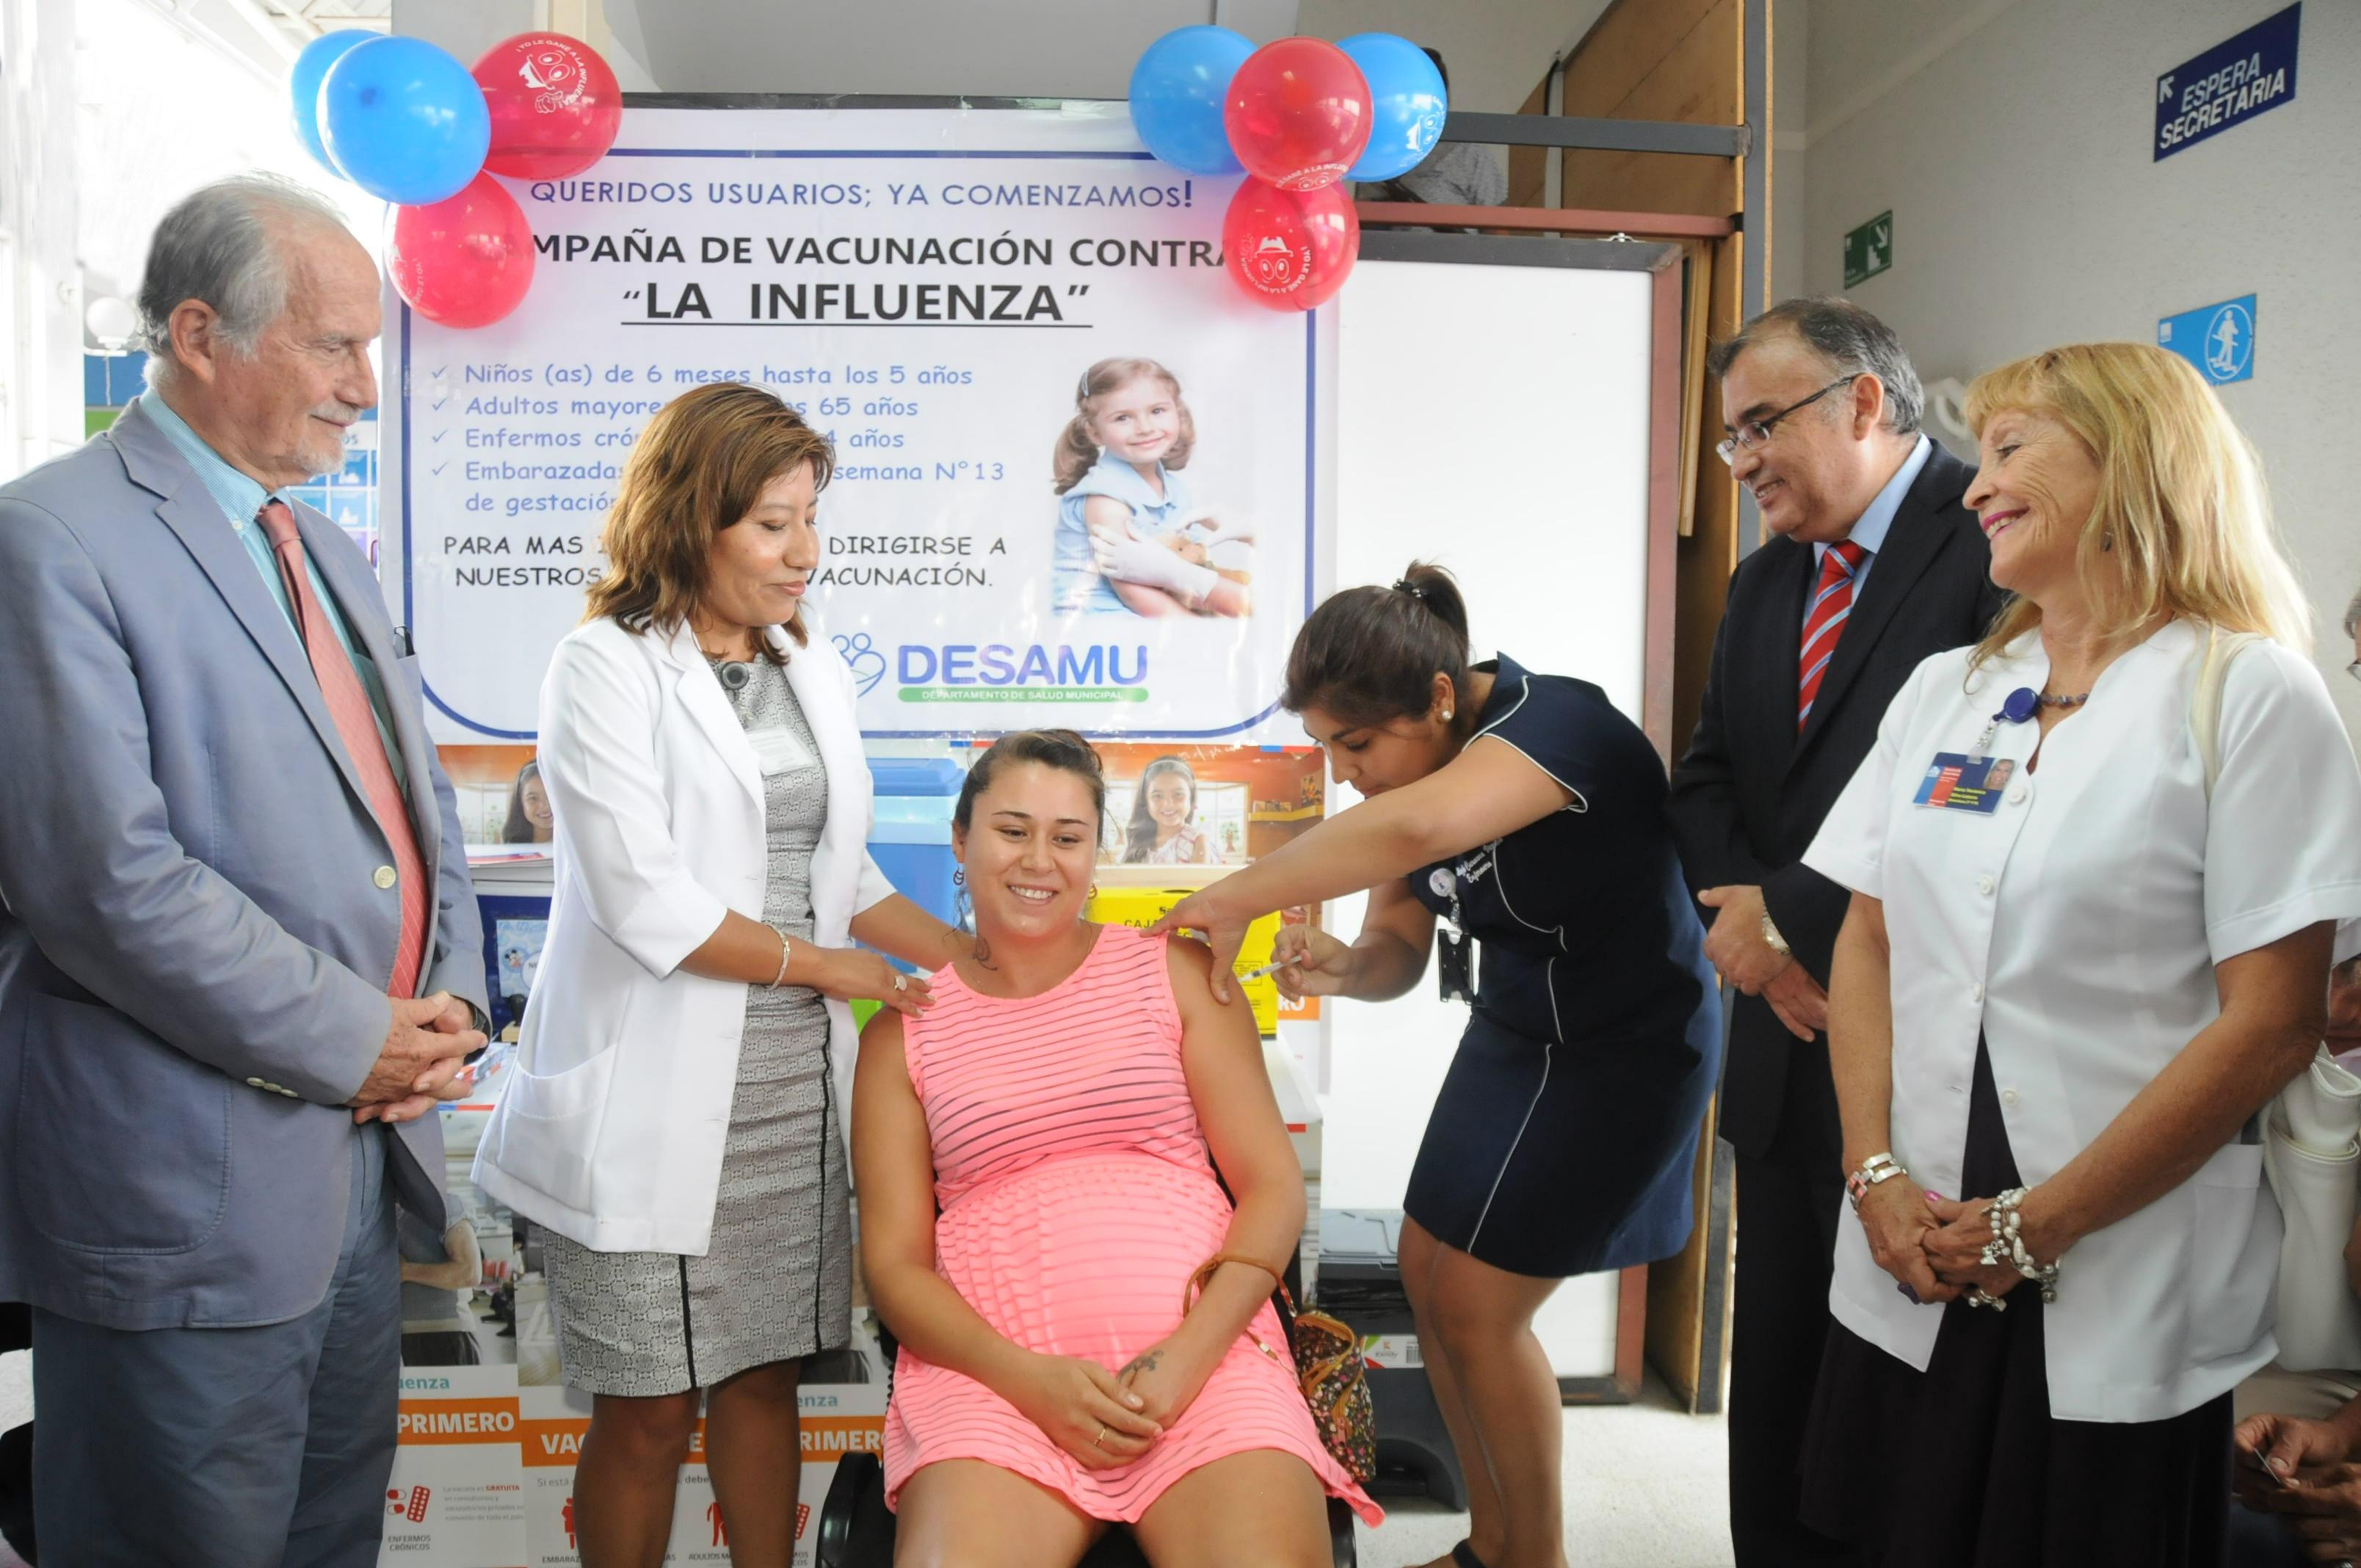 Vacunación Gratuita contra Influenza  se  Extenderá hasta el Viernes